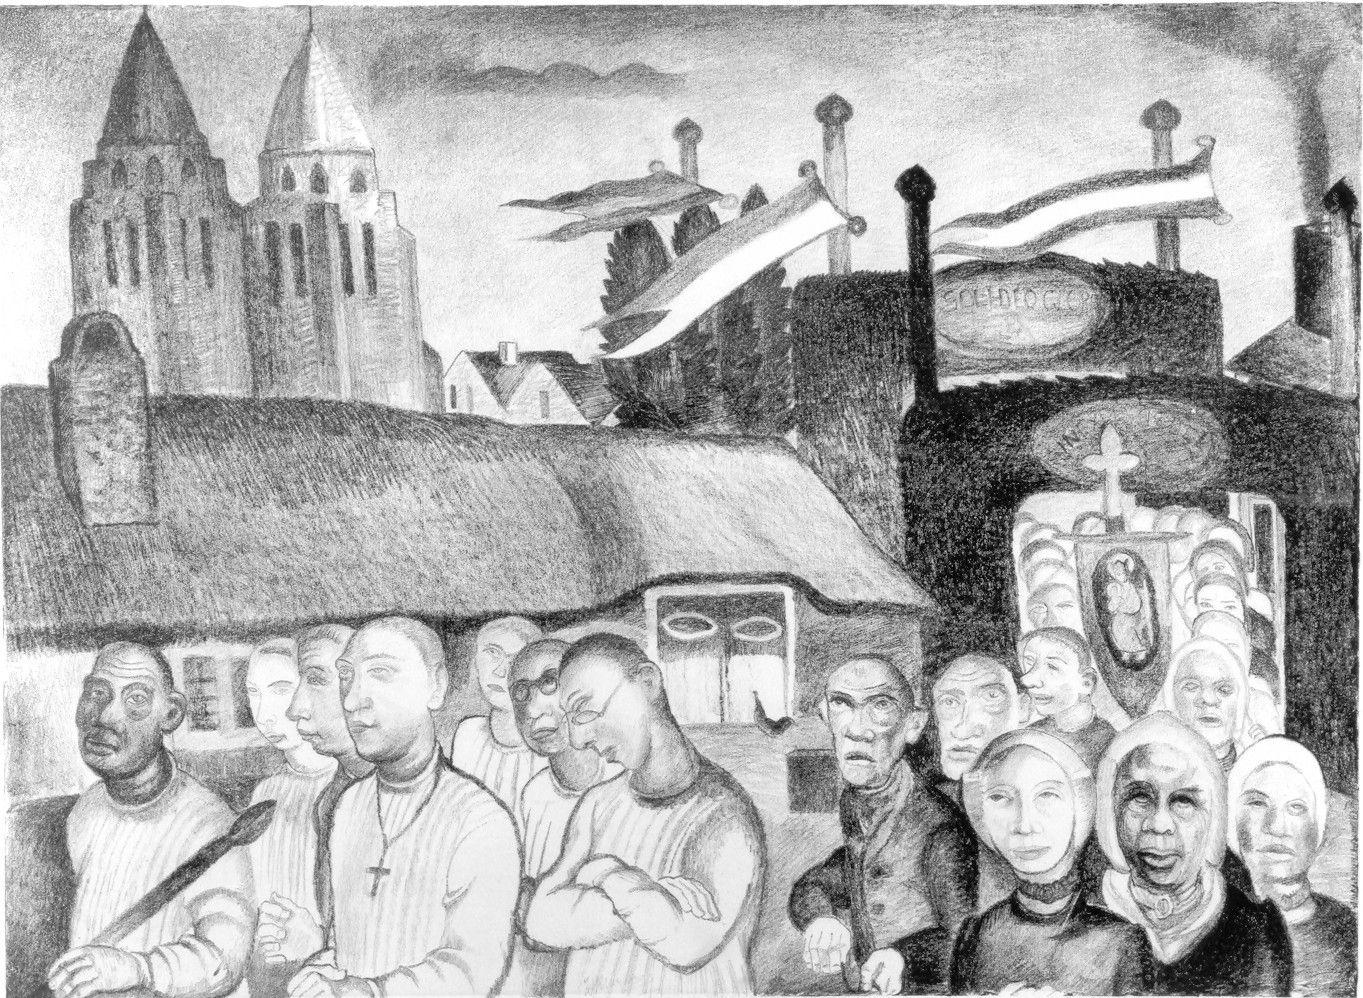 Herman Kruyder, Sint Jansprocessie, ca. 1927-1929.